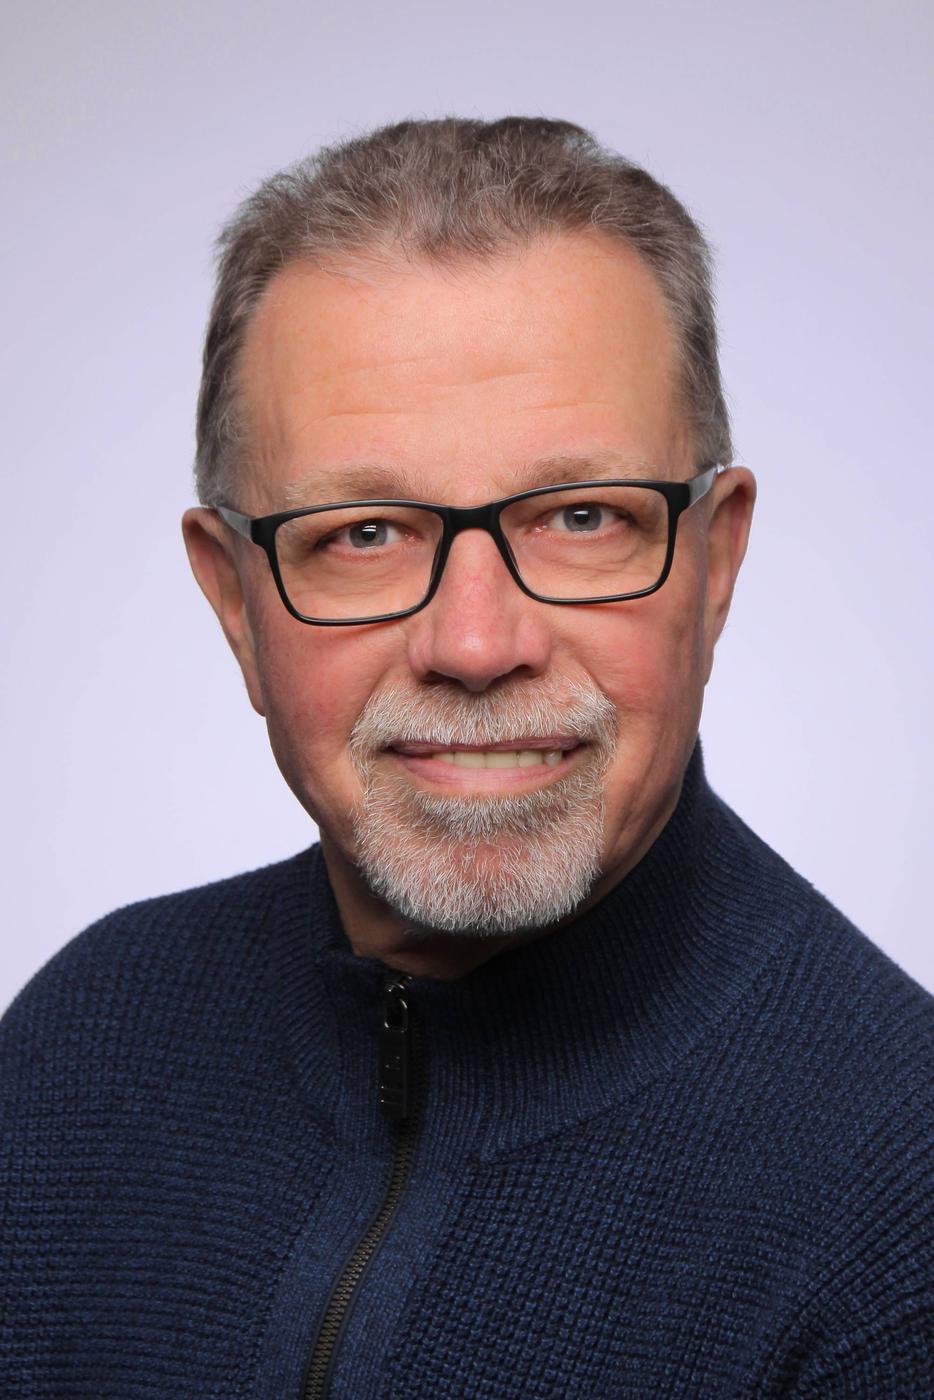 Ulrich Eilmann, Vorsitzender des ADFC-Kreisverbandes Karlsruhe